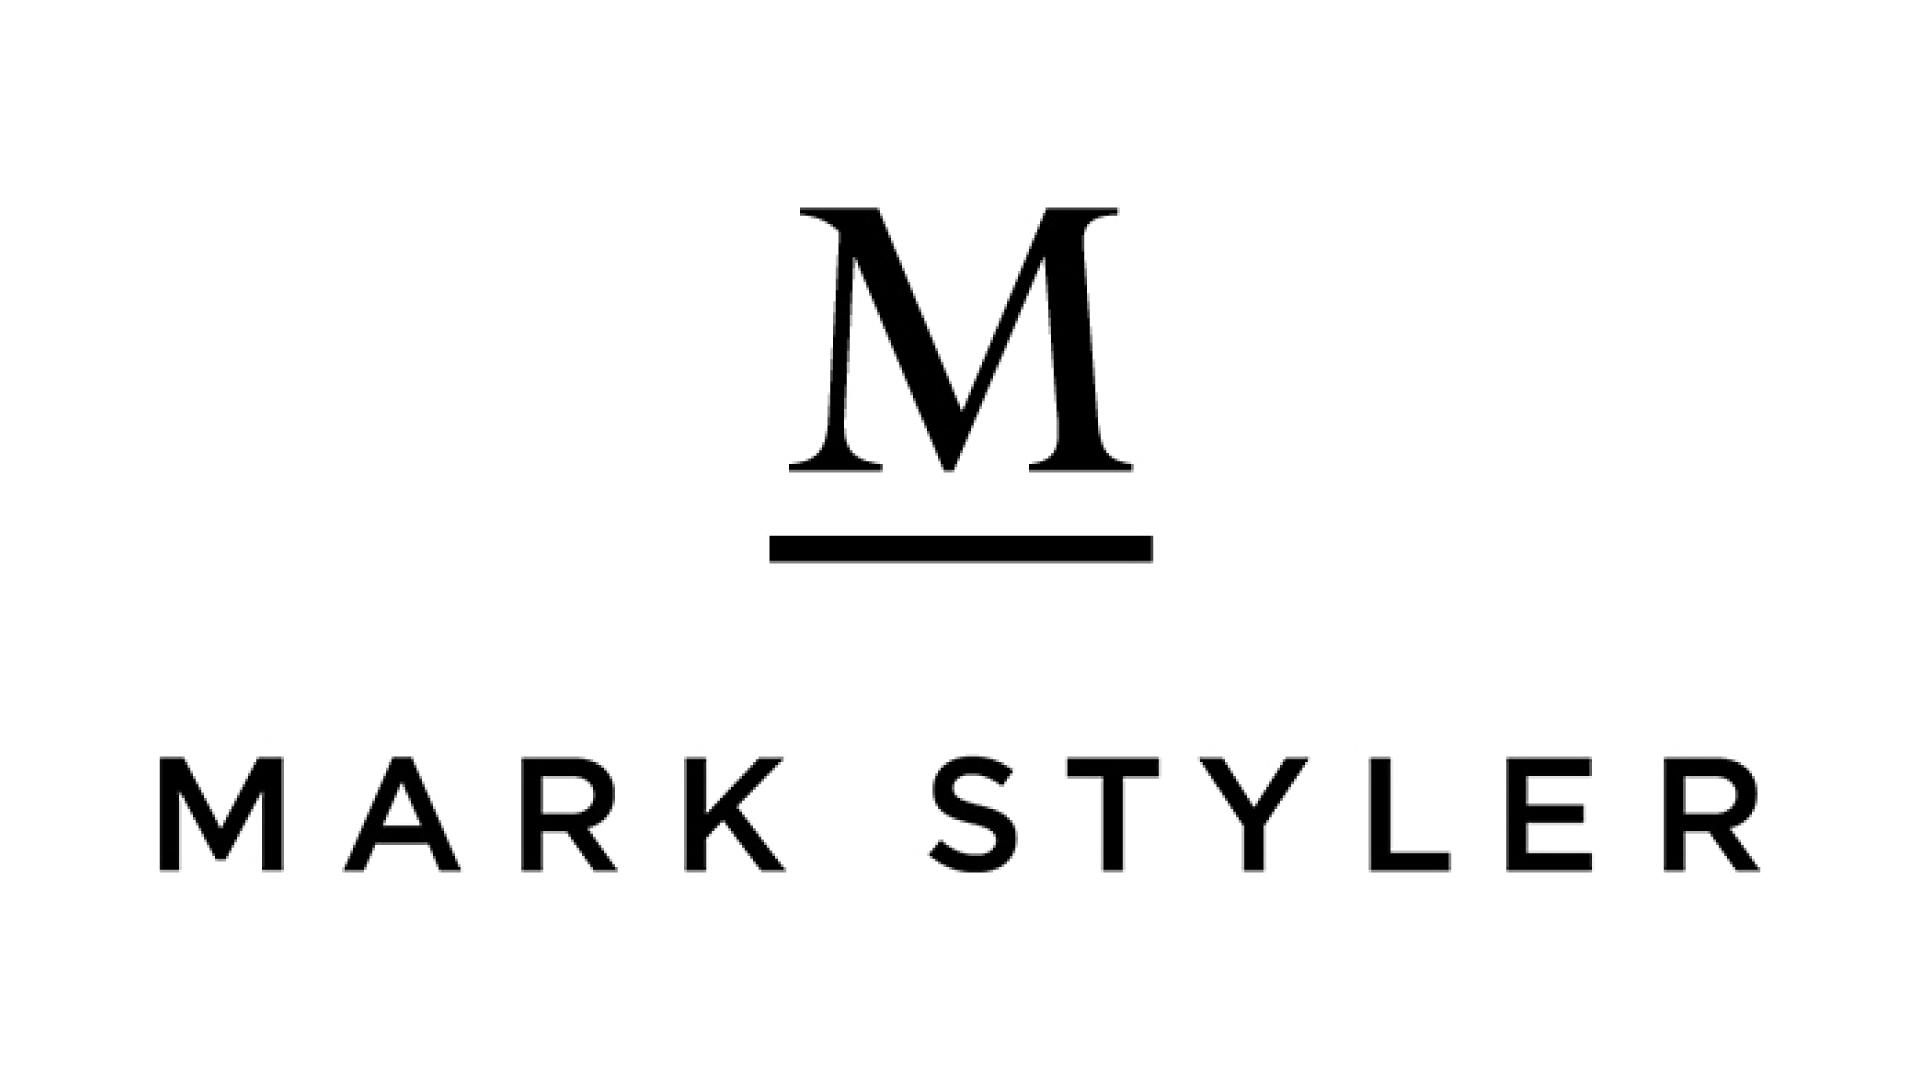 【法務】MARK STYLER 経験者募集のカバー写真